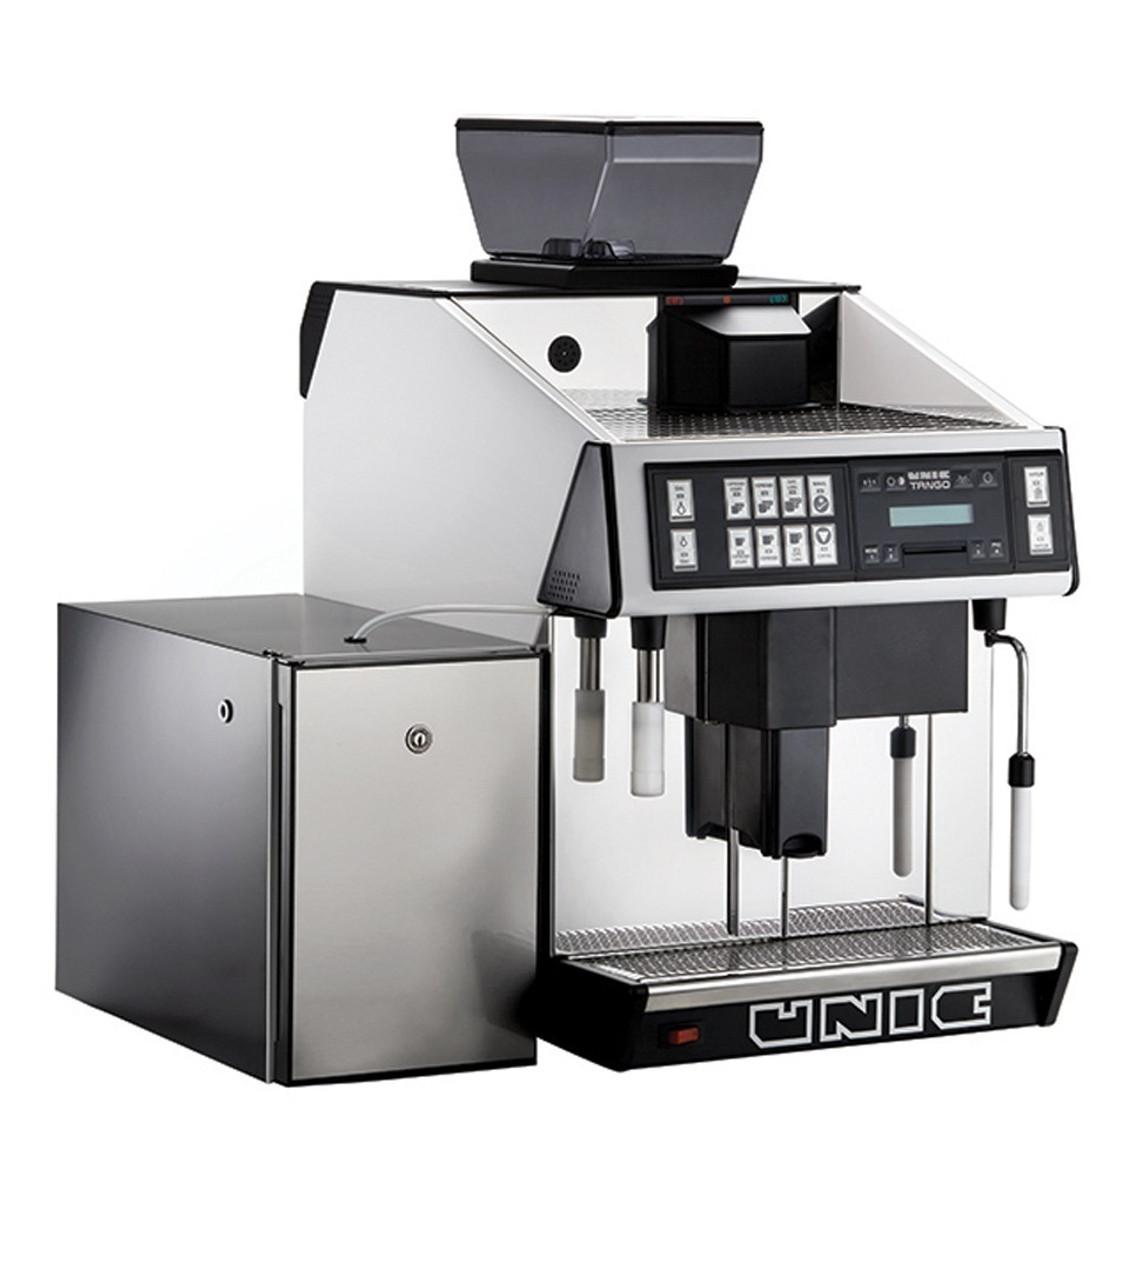 Unic Tango Uno Milk Automatic Espresso Machine